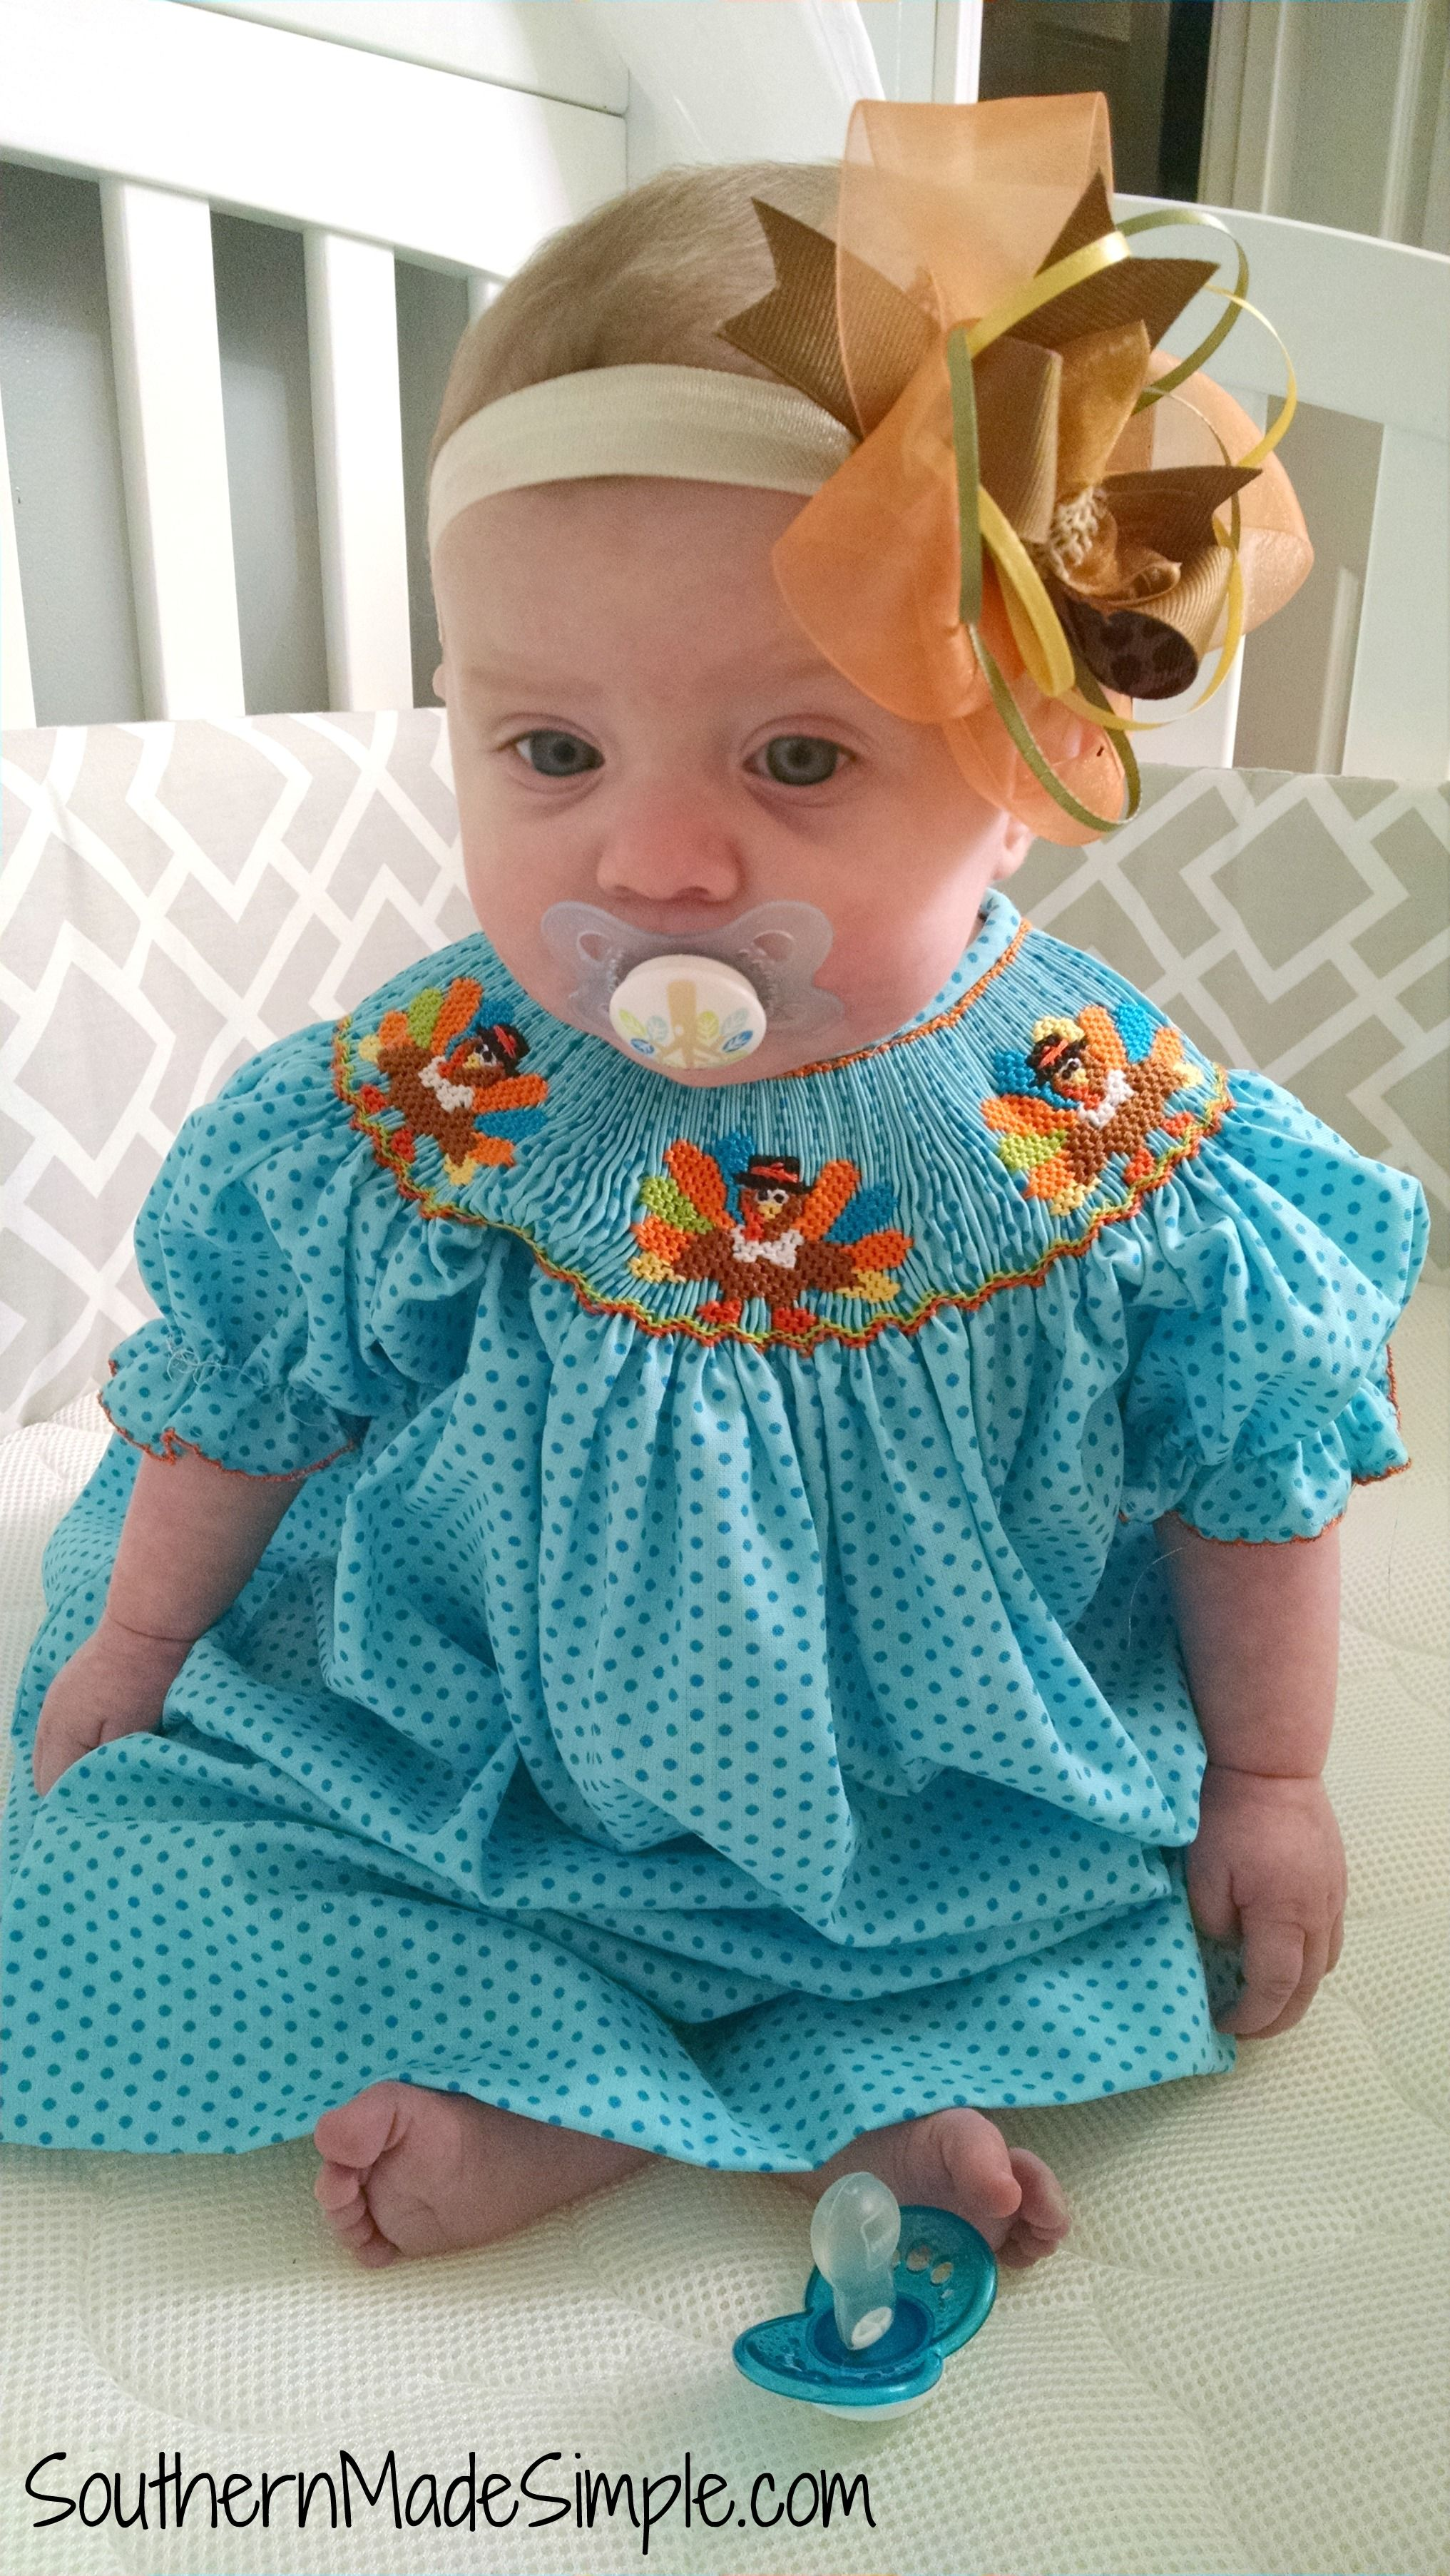 Girls Dress Fall Dress Pumpkin Smocked Dress Thanksgiving Smocked Dress Fall Smocked Dress Smocked Dress Smocked Dress